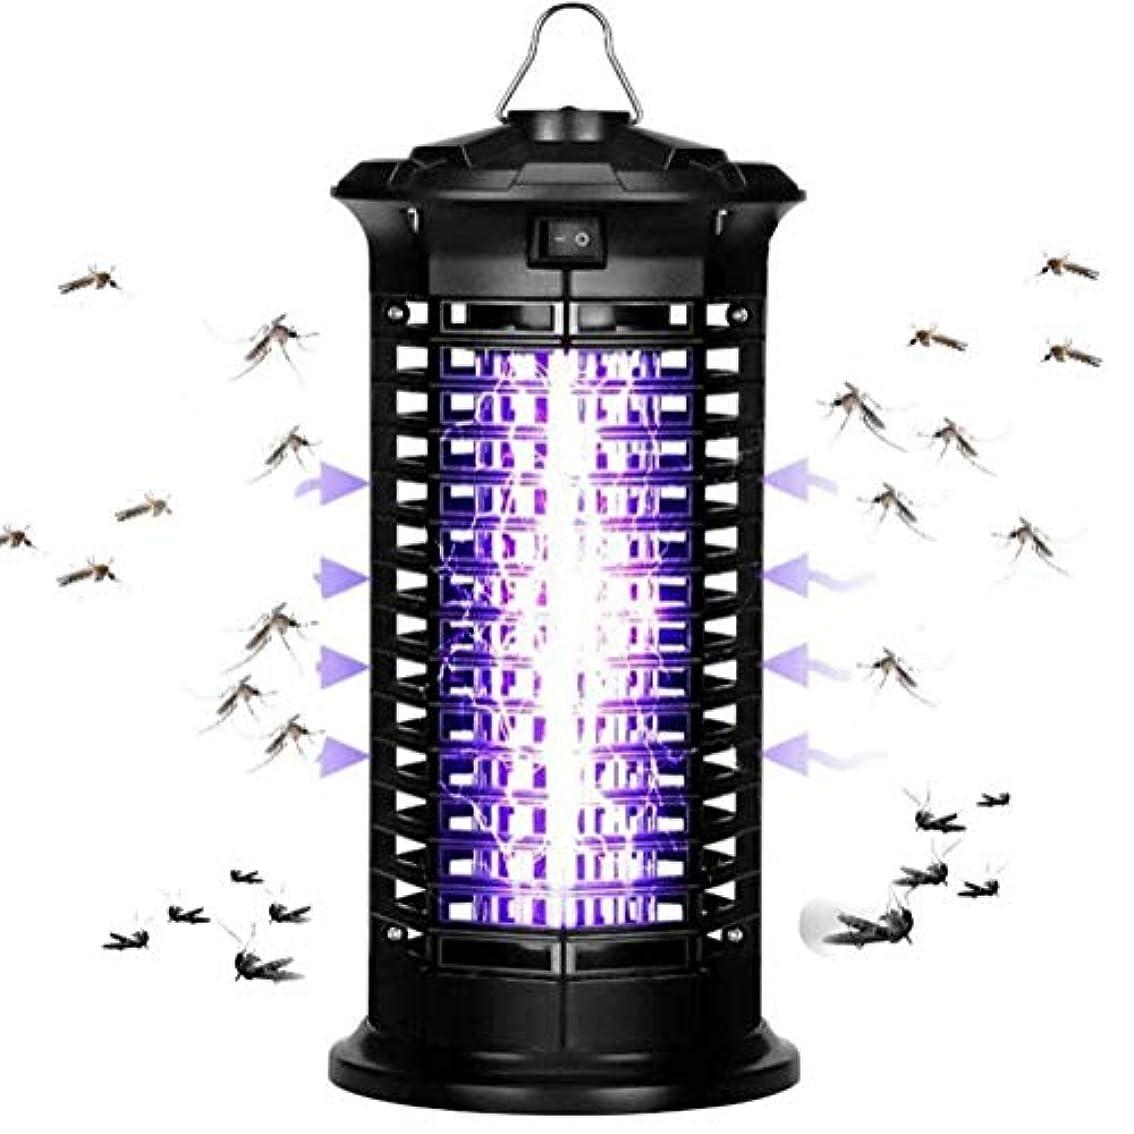 企業引数チャーター電子バグザッパー昆虫蚊キラー - 2019アップグレード超静か静かな放射線LEDライト光触媒フライバグディスペラー